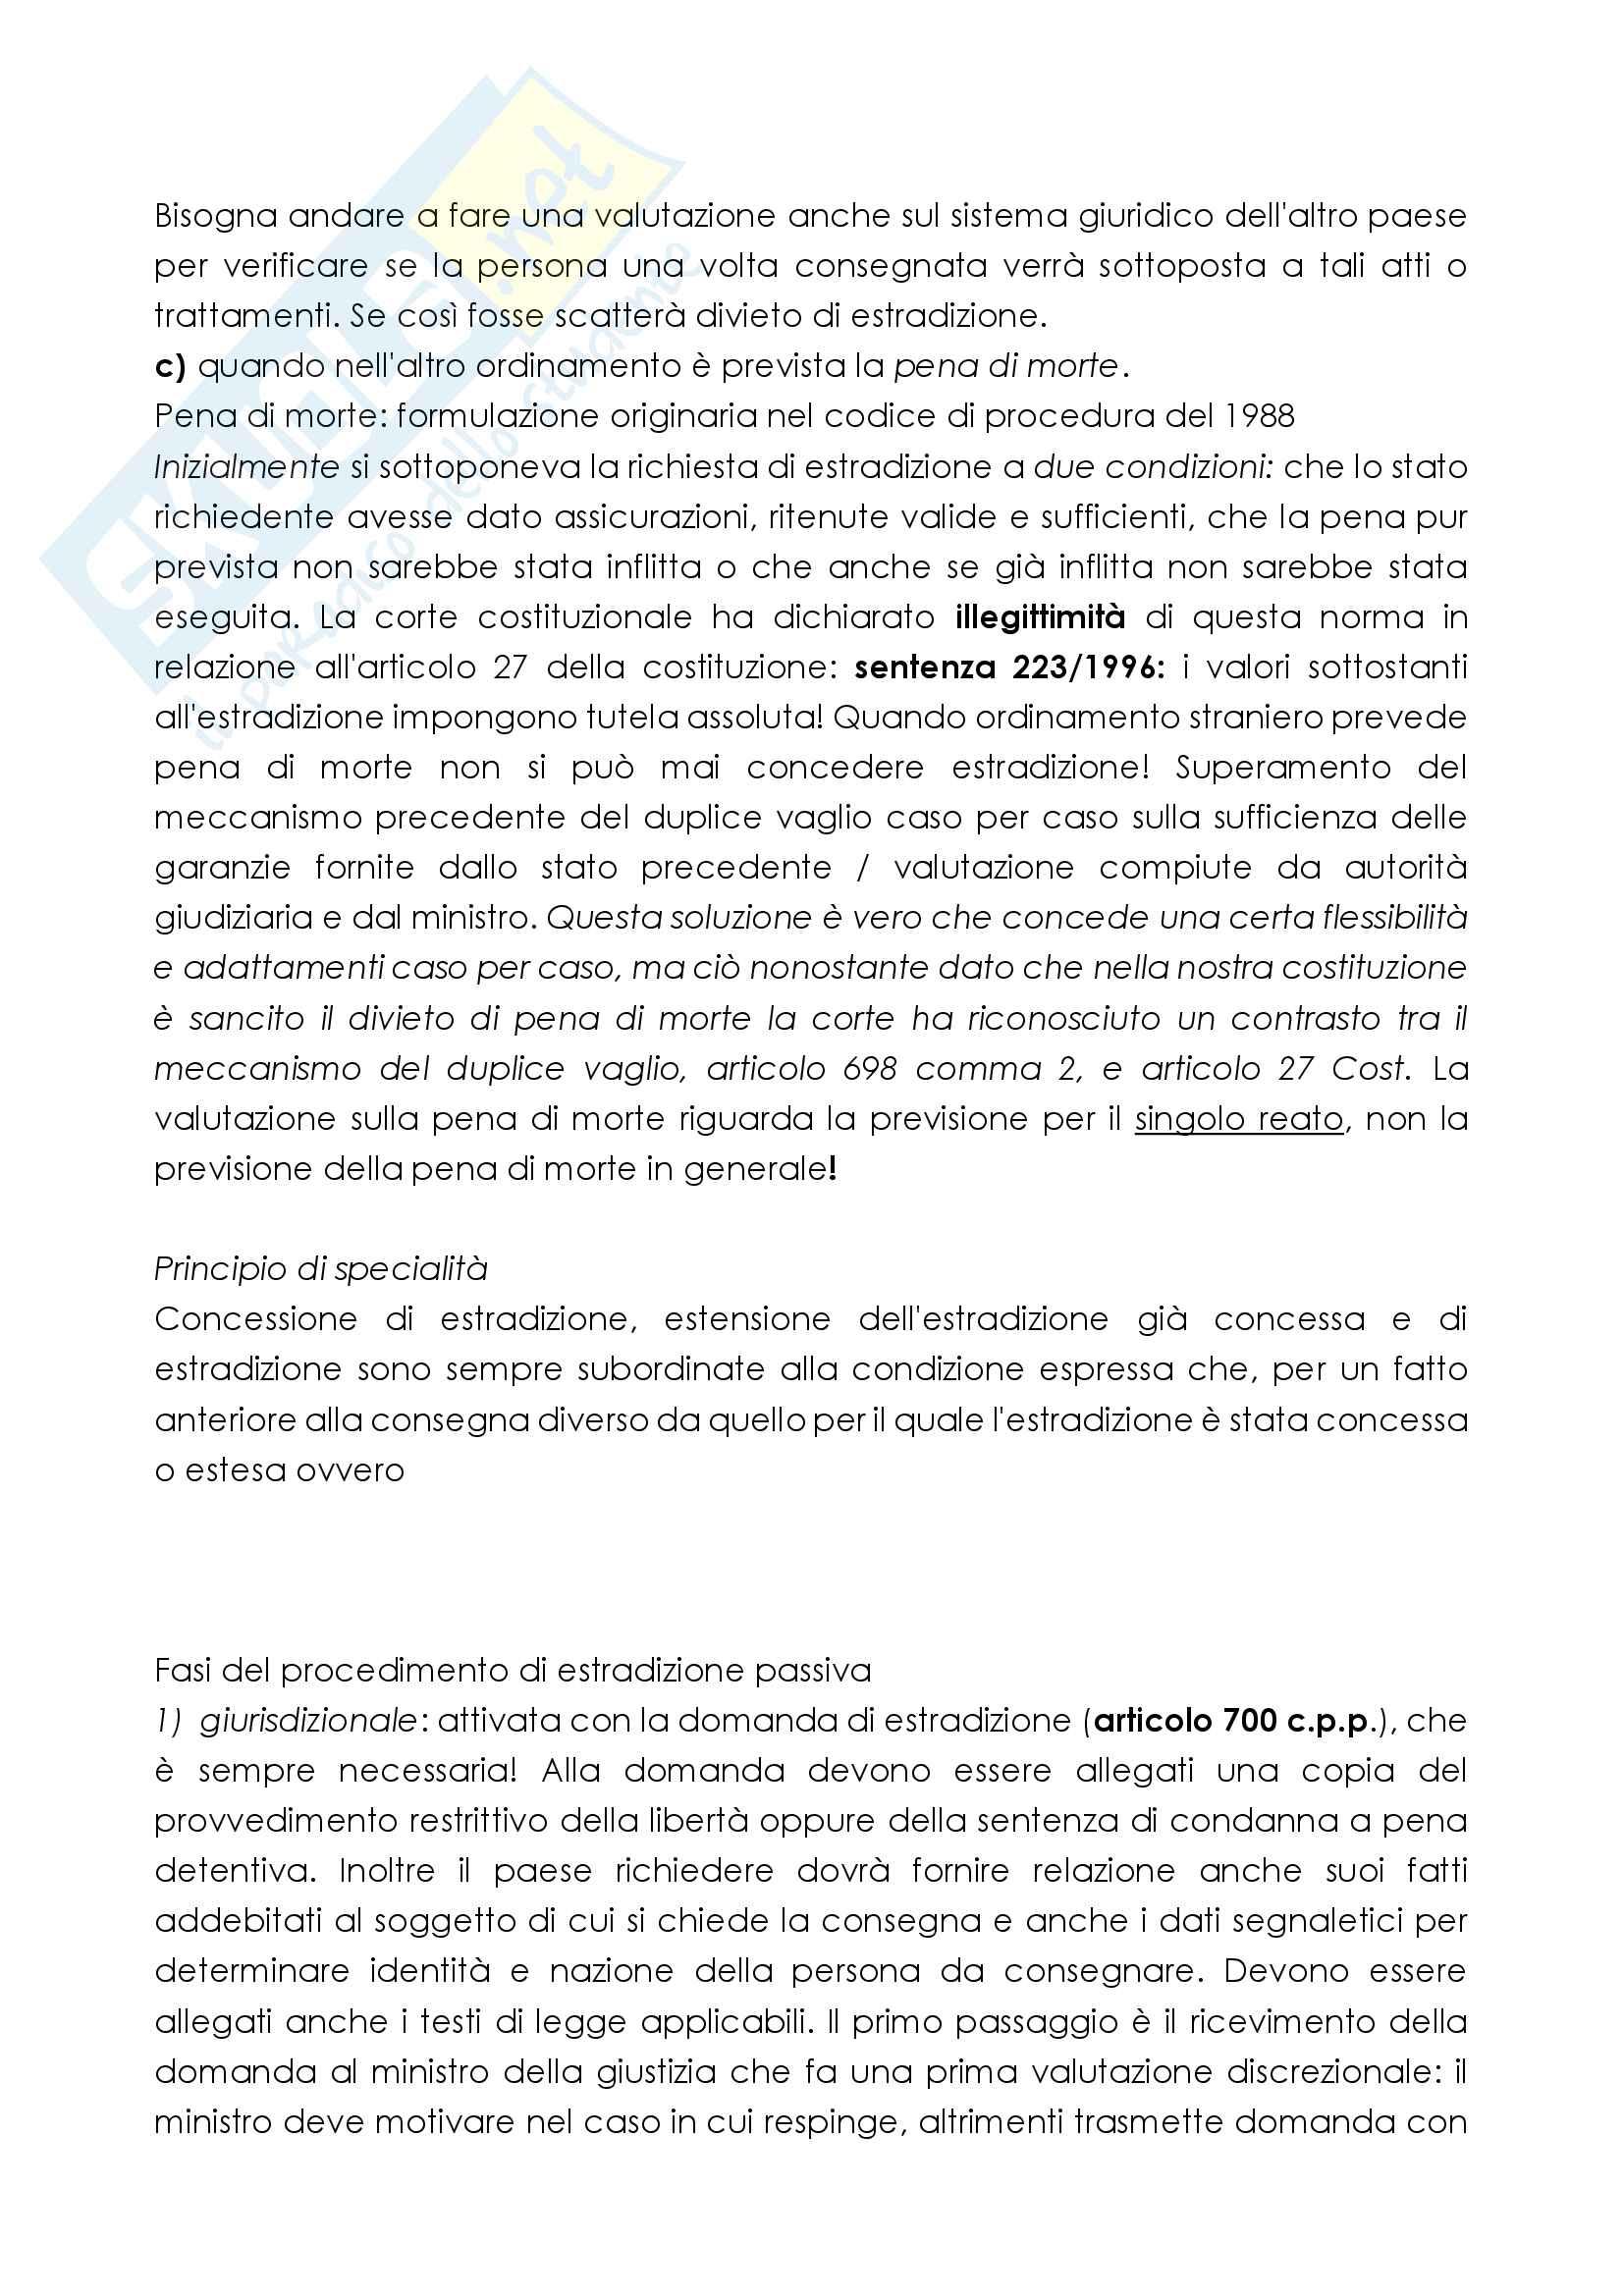 Estradizione Pag. 2